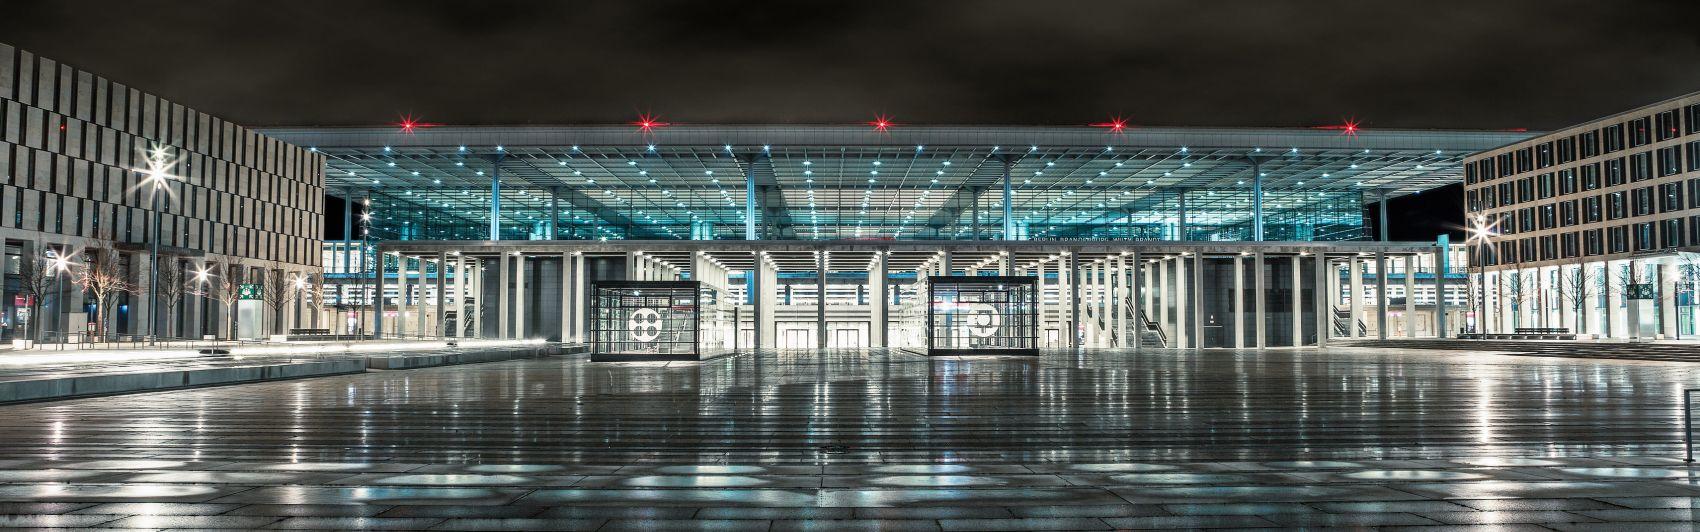 Flughafen, BER, Berlin, Brandenburg, airport